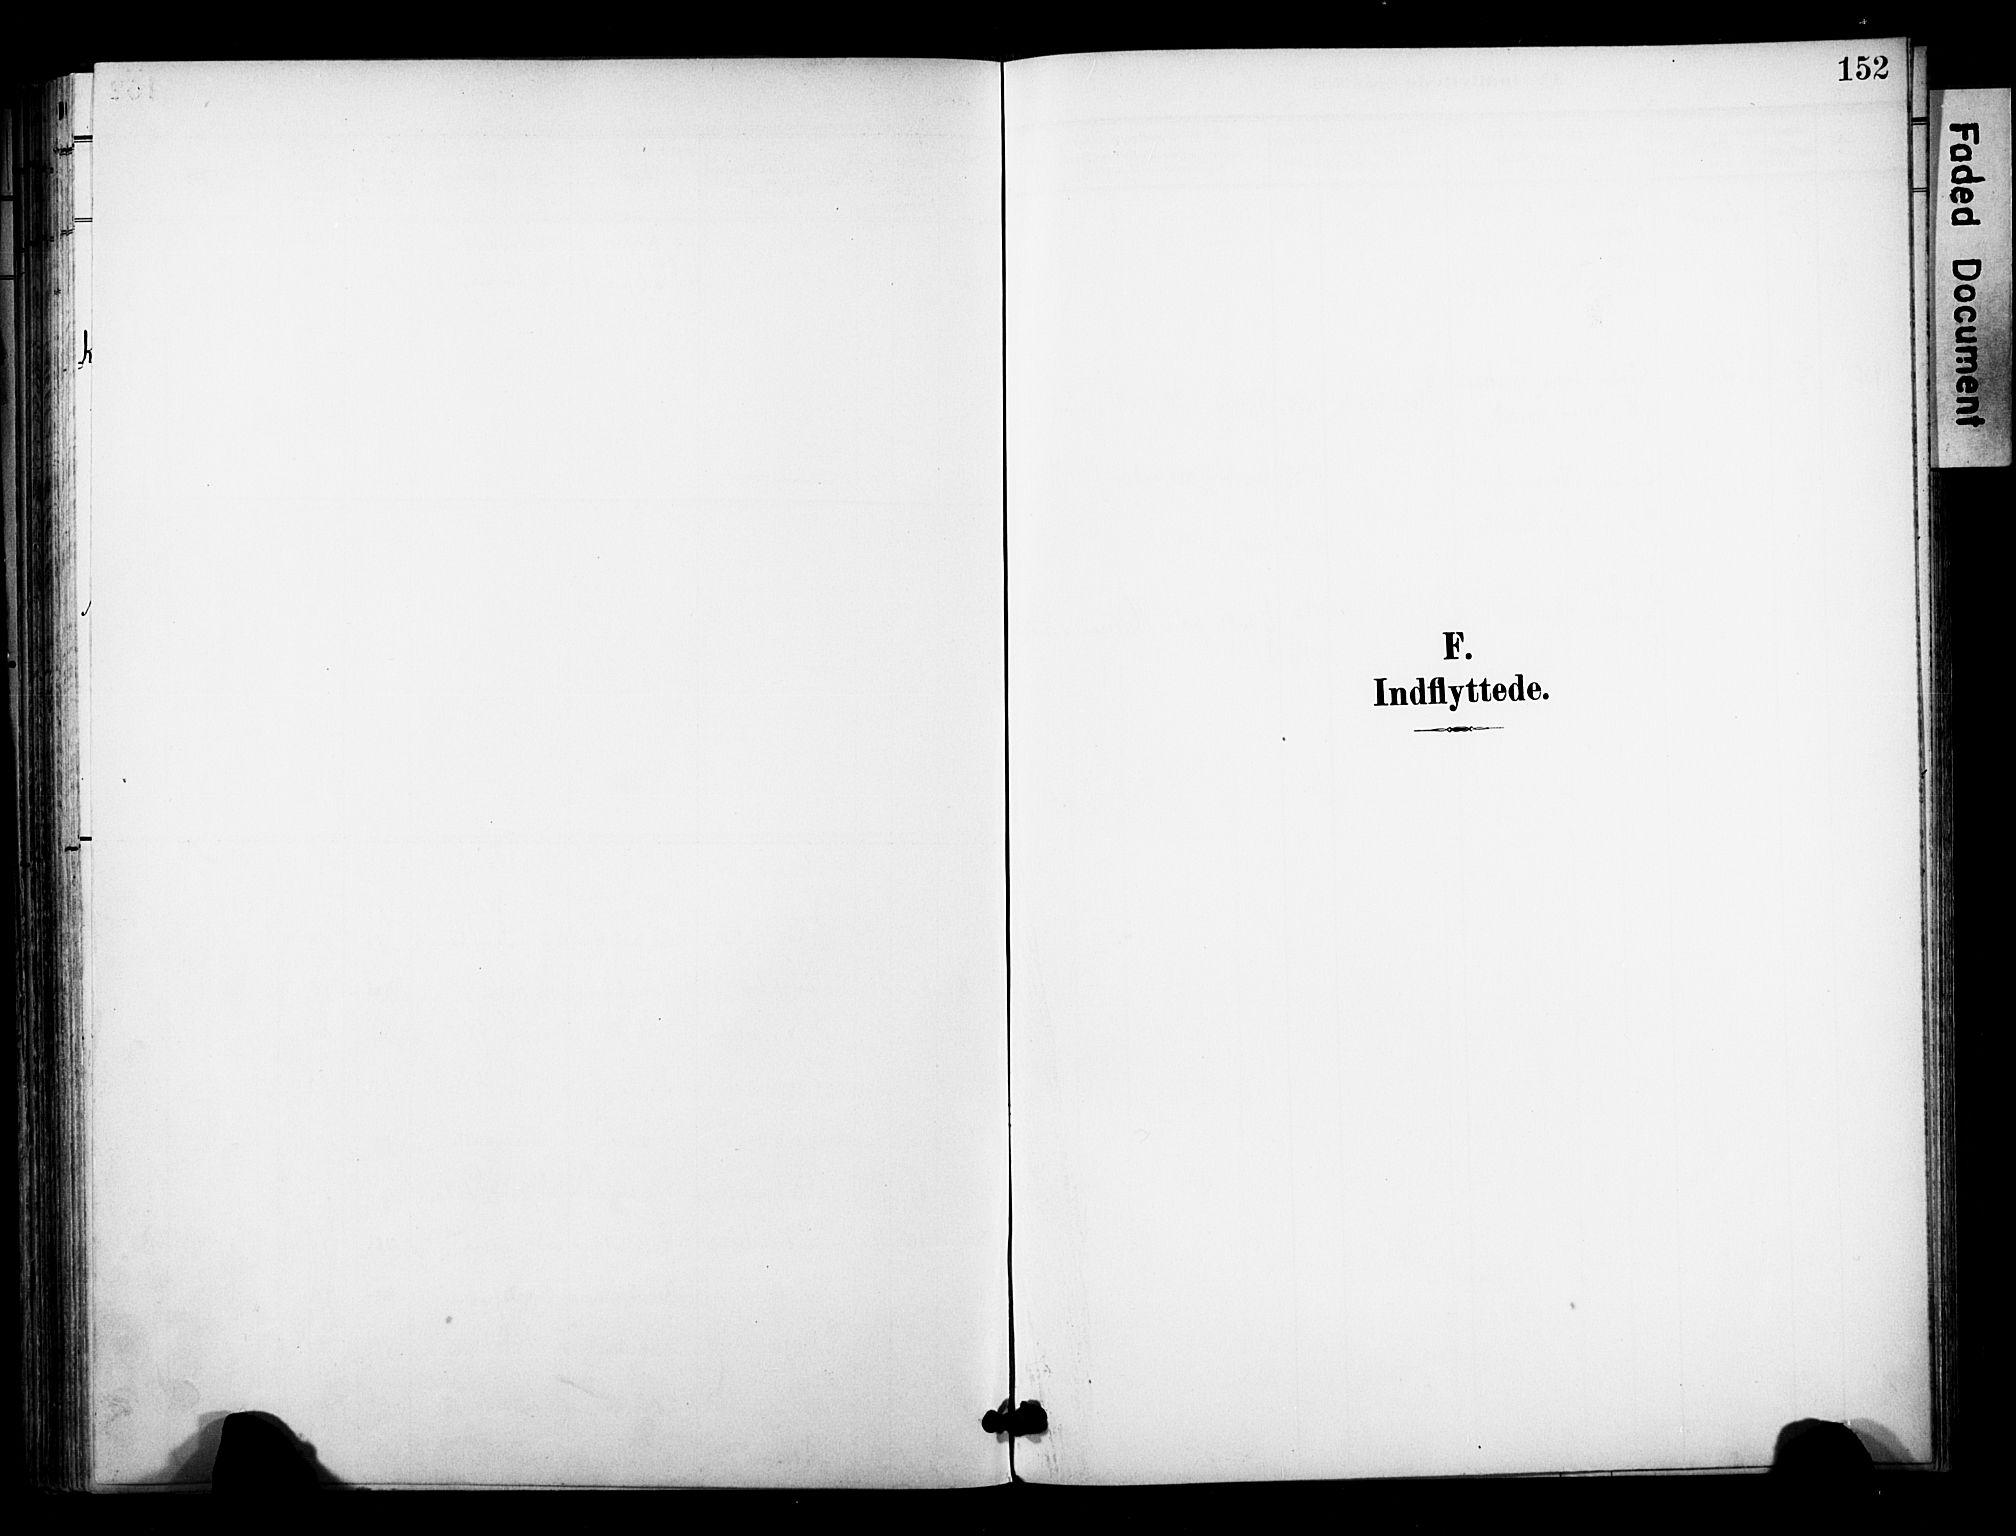 SAKO, Bø kirkebøker, F/Fa/L0012: Ministerialbok nr. 12, 1900-1908, s. 152